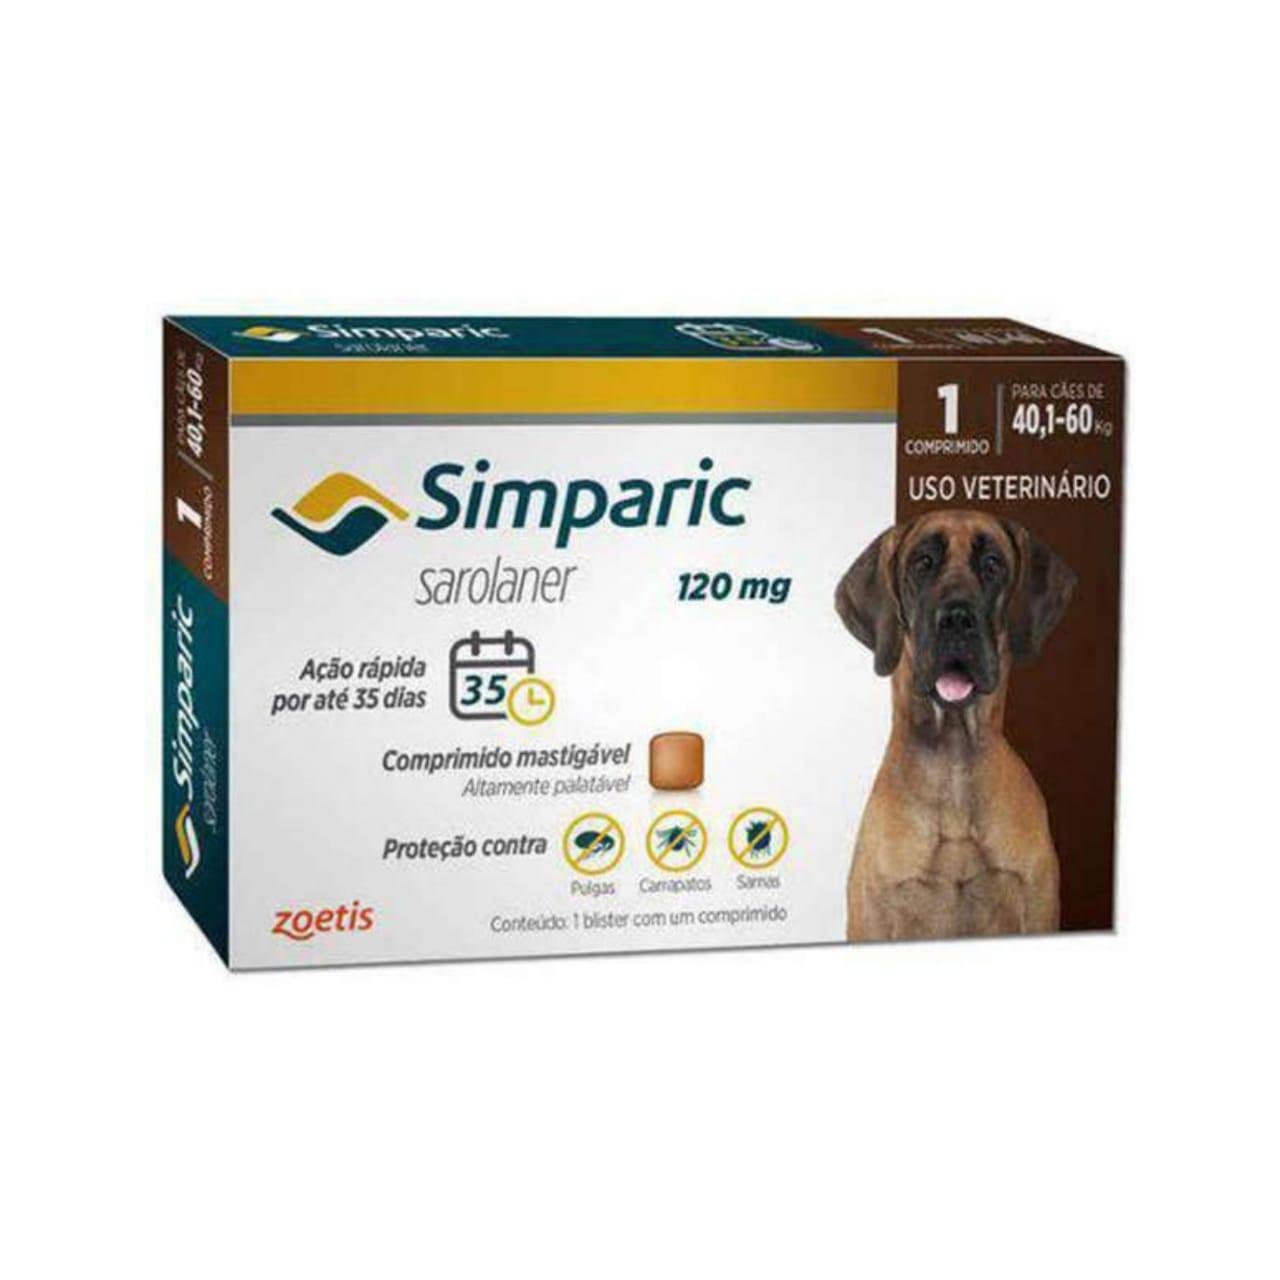 Antipulgas e Carrapatos Simparic 120mg para Caes 40 a 60 Kg - 1 Comprimidos